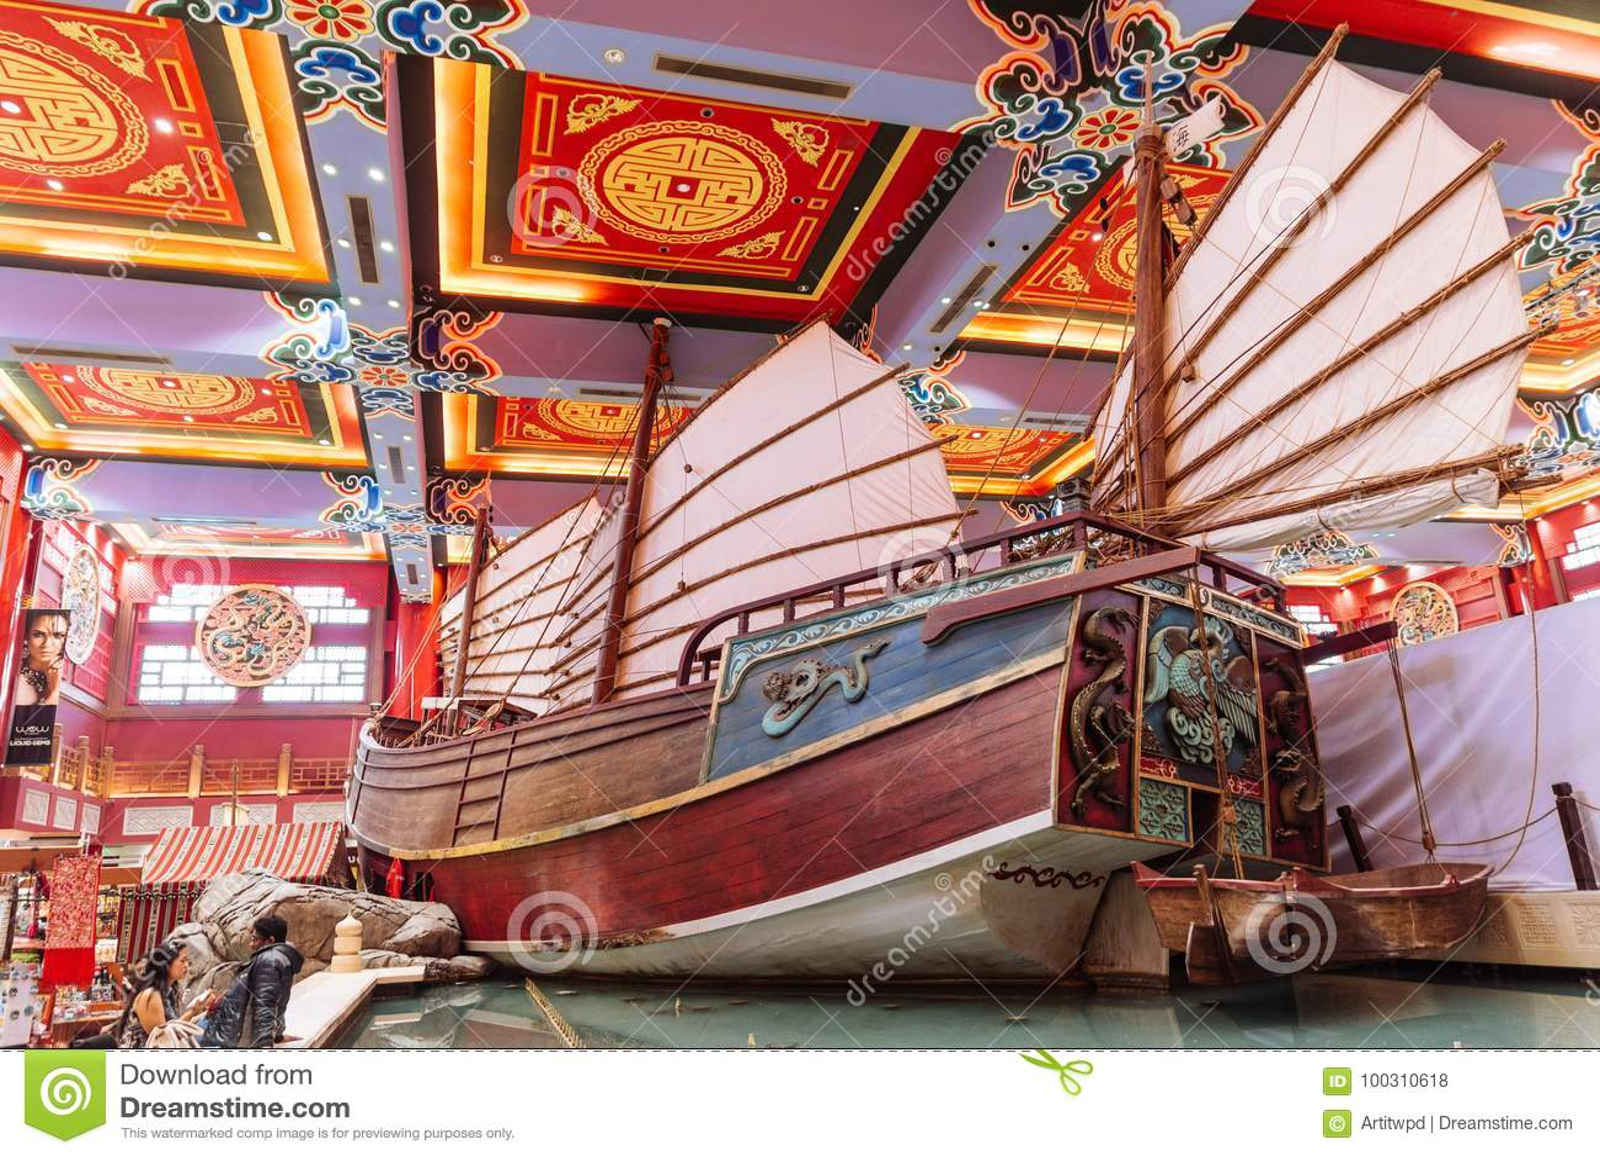 Огромное китайское старье показанное в универмаге при красочный китайский потолок украшенный с туристами в Дубай